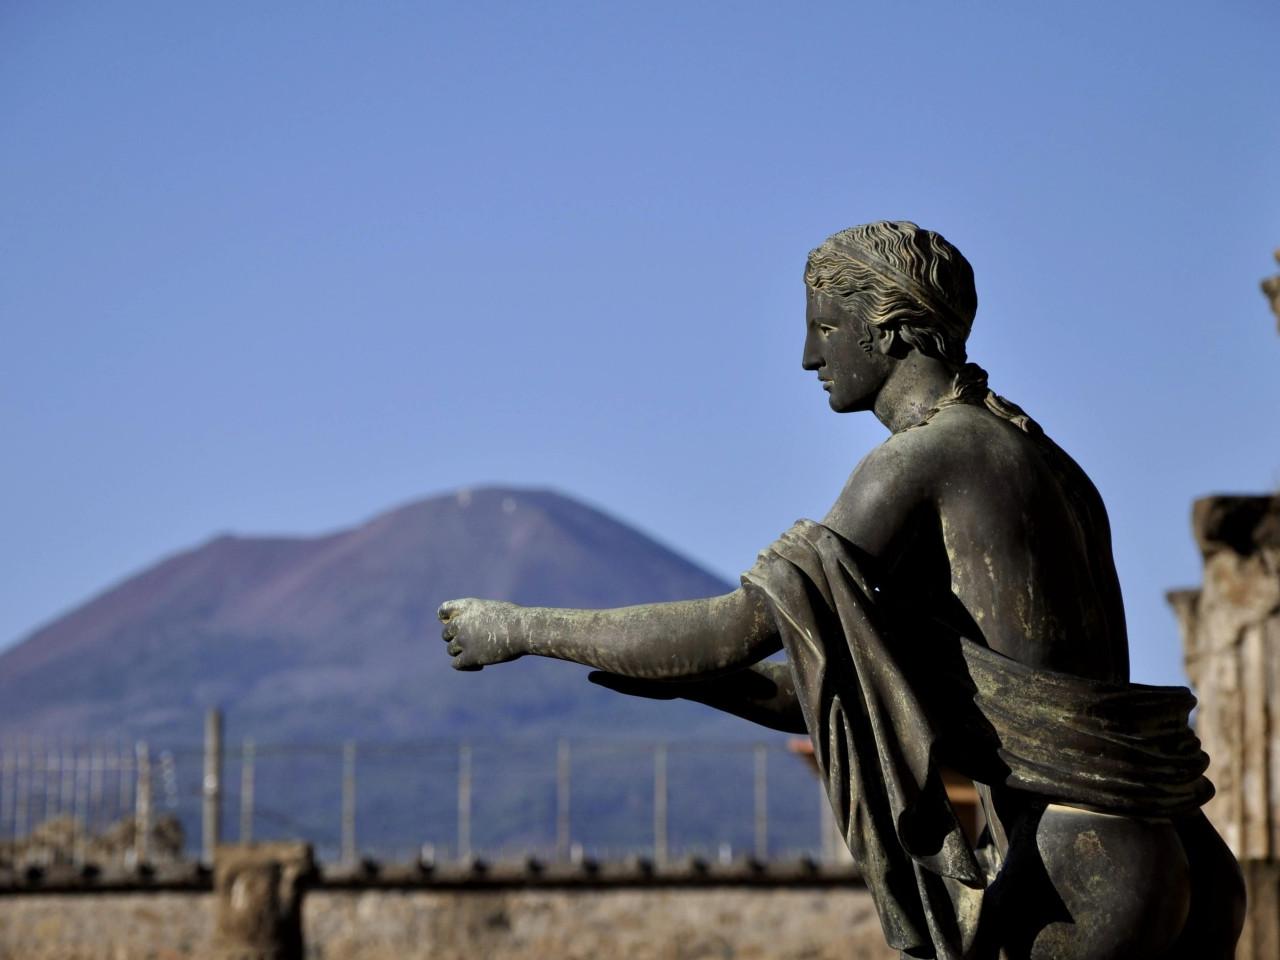 Shore excursion Pompeii Vesuvius Herculaneum from Sorrento - Tiberius in Pompeii